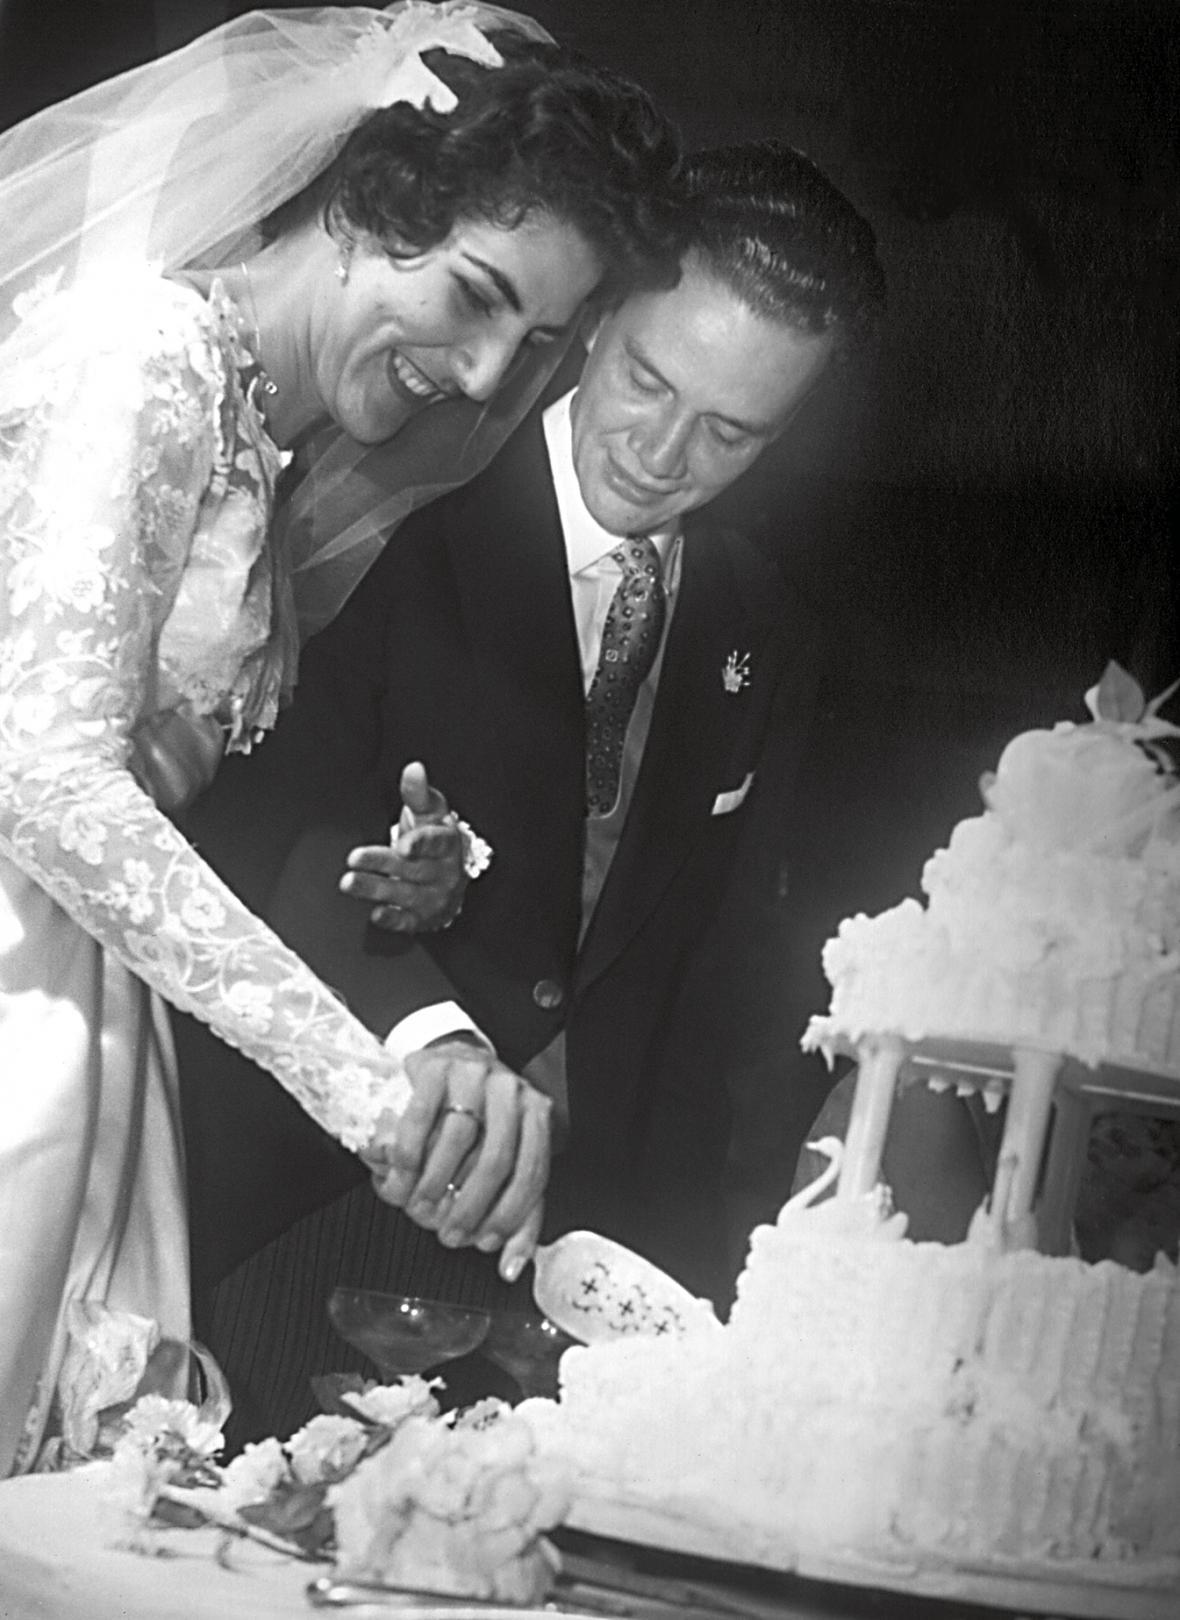 Garmán Vargas Cantillo y Susie Linares Ruiz en su boda, el 6 de enero 1956.